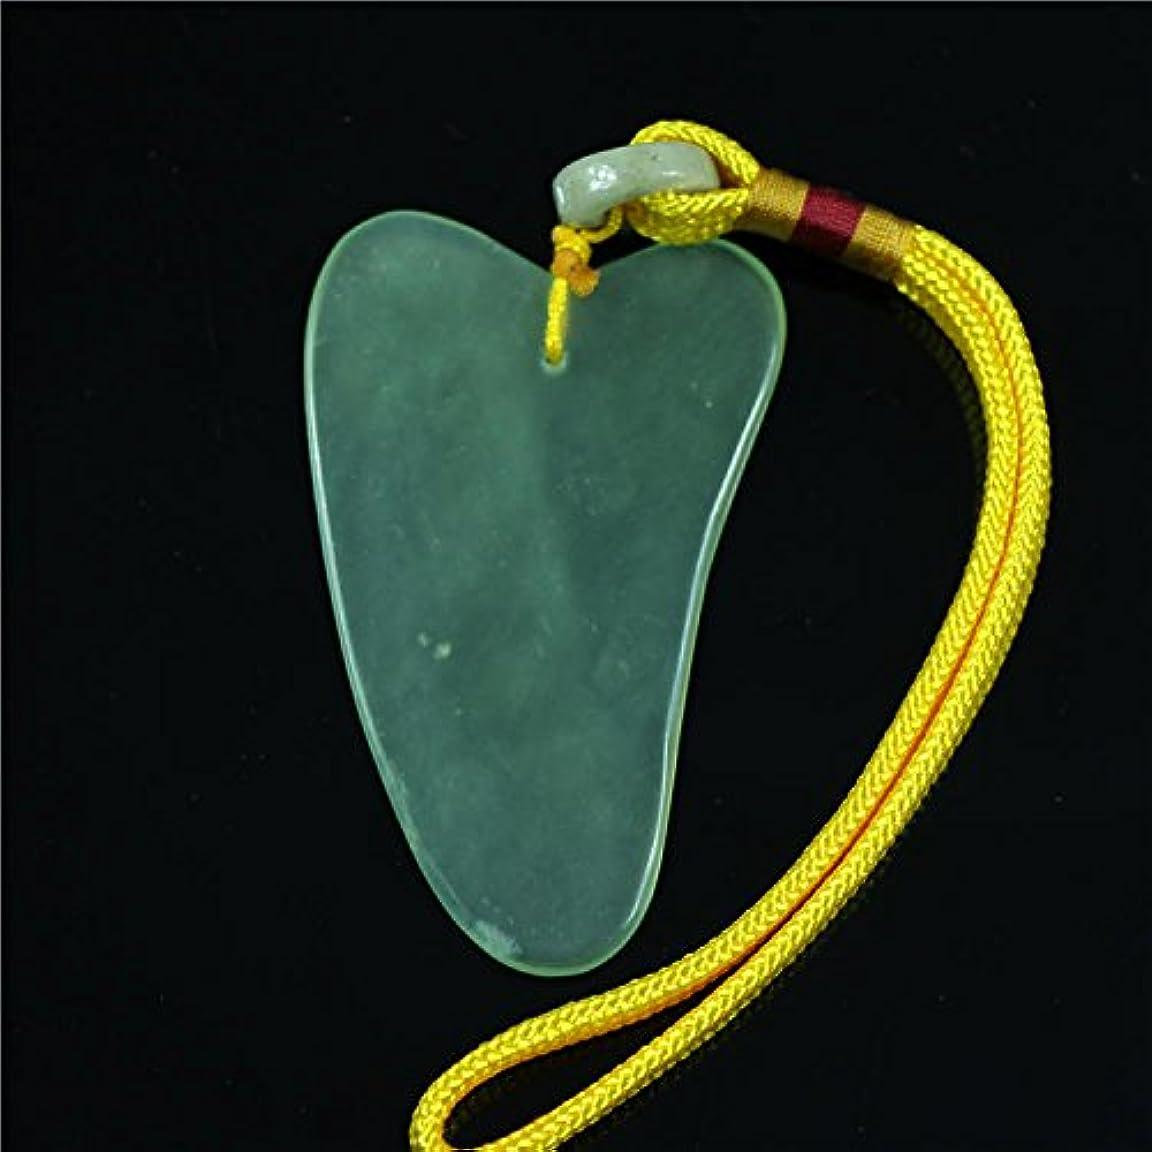 おいしい光沢土器Face / Body Massage Natural Jade Boardかっさプレート 天然石 翡翠(顔?ボディのリンパマッサージ) (かっさプレートH)